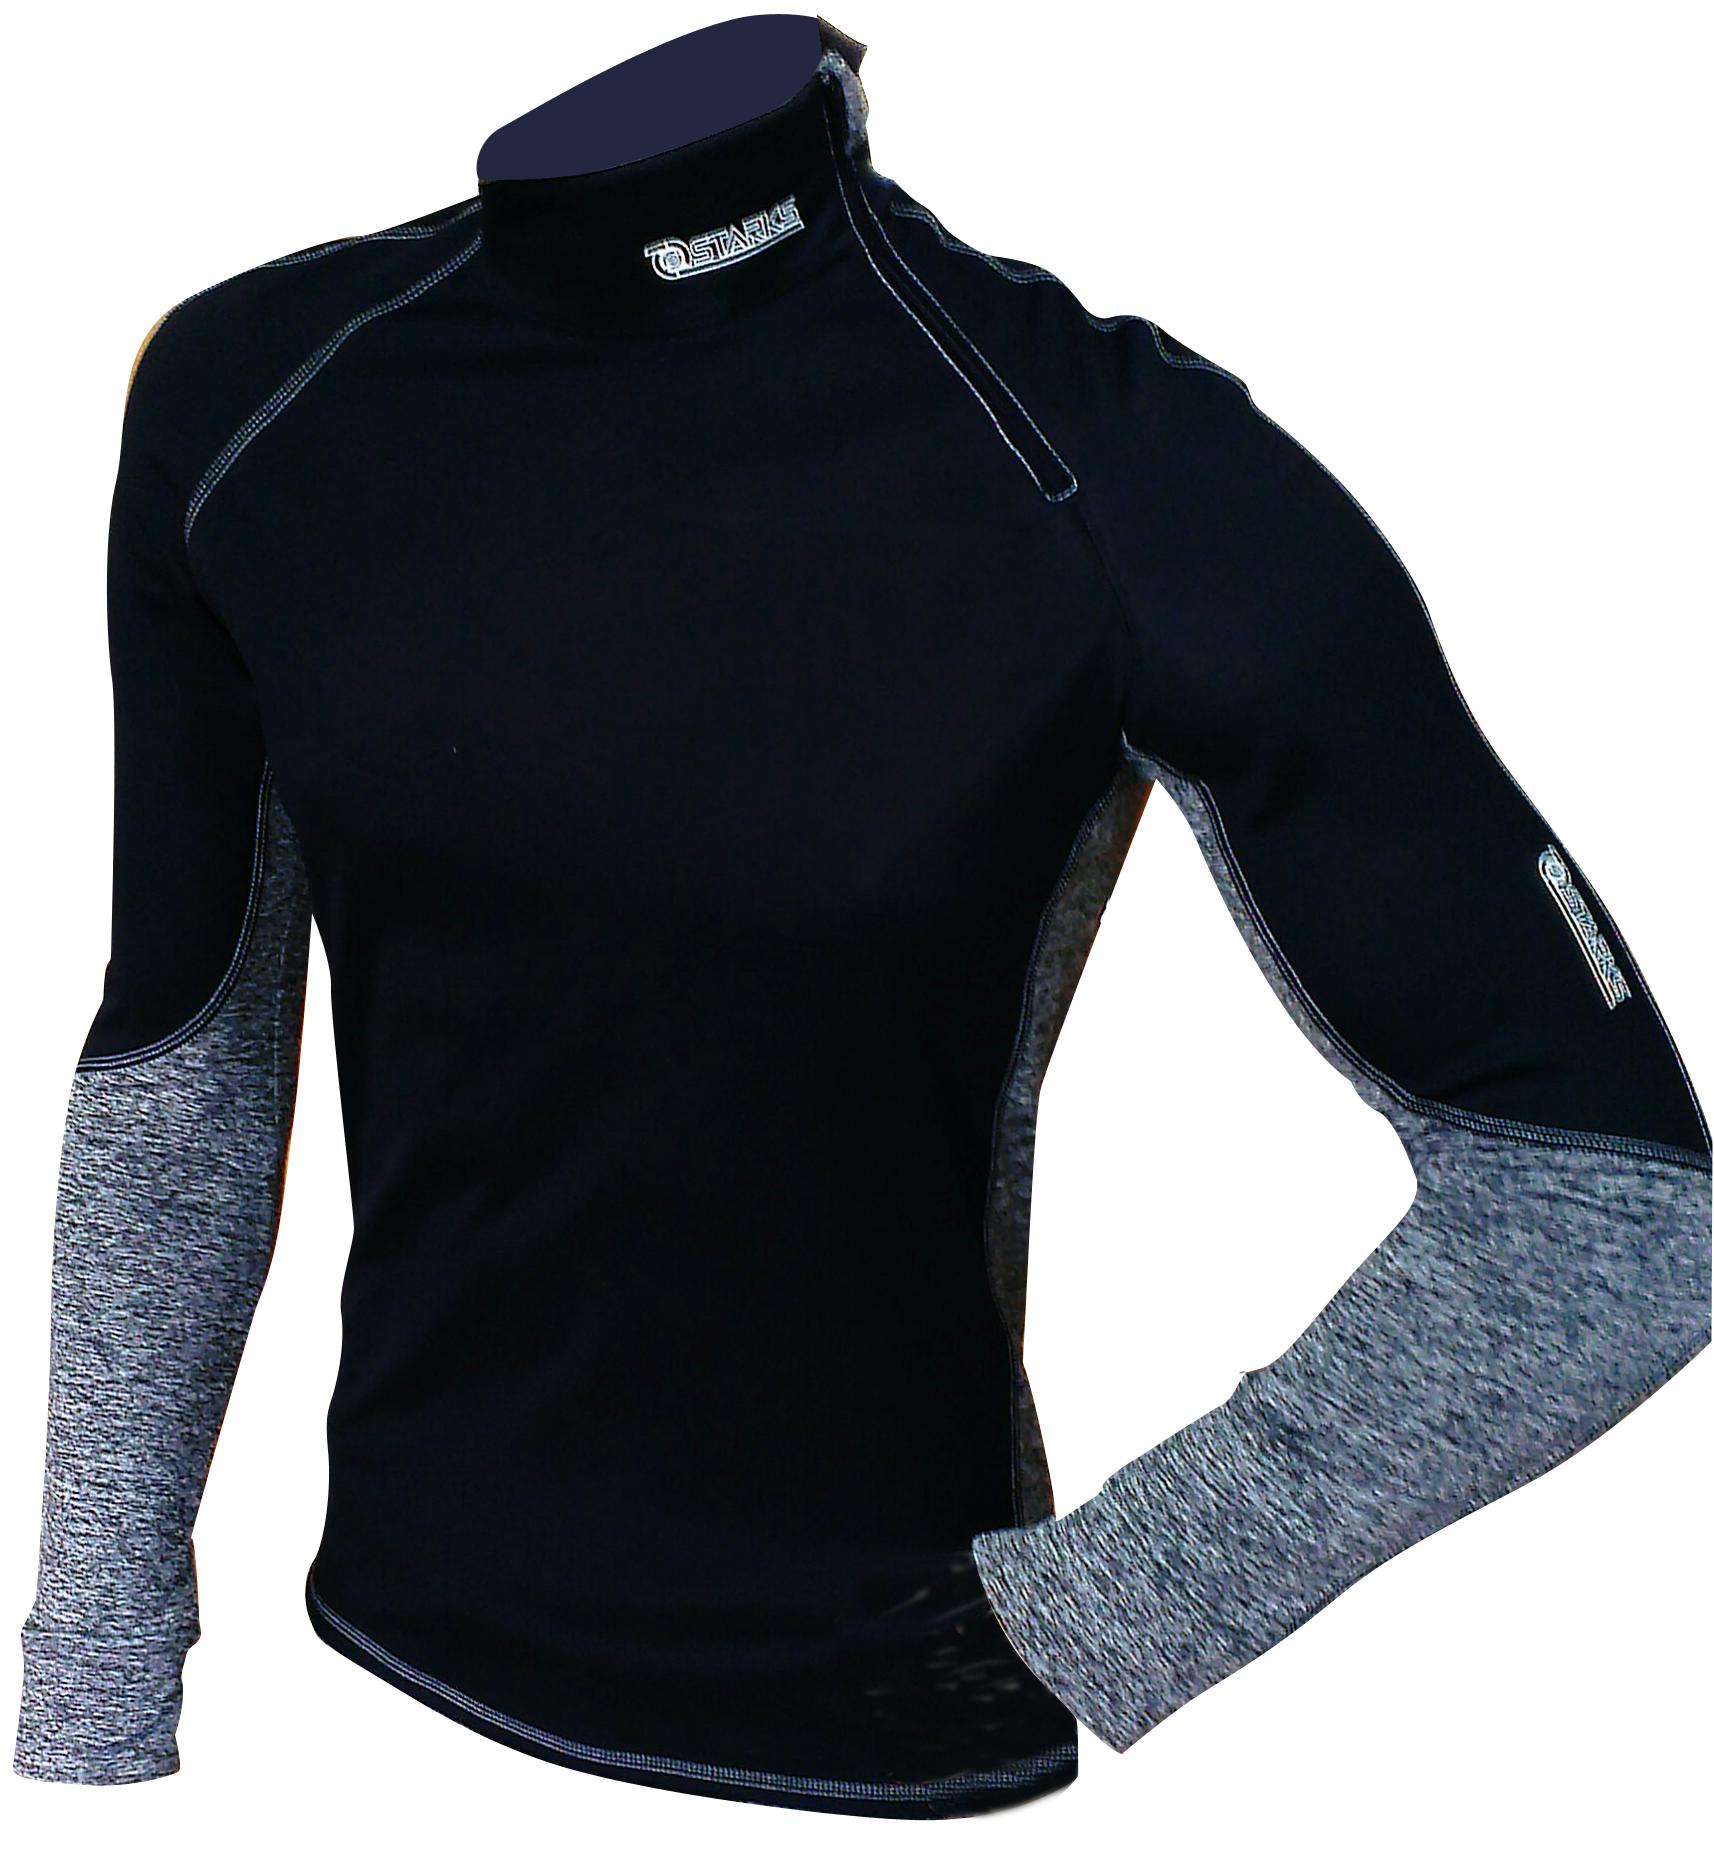 Термобелье кофта Starks Warm Extreme, зимняя, цвет: черный. Размер Sone116высокотехнологичное термобелье, гарантированно на 100% не пропускает ветер, хорошо тянется и выпускает влагу наружу.Белье рекомендуется для использования не только спортсменам зимних видов спорта, но и парашютистам, мотоциклистам, велосипедистам -всем кто испытывает дискомфорт при сильном ветре, повышенной влажности.Анатомическое, выполнено из Европейской сертифицированной ткани Polarstretchи Windstopper. Высокие эластичные свойства материала позволяют белью максимально повторять индивидуальную анатомию тела. Отличные влагоотводящиесвойства, позволяют телу оставаться сухим. Термоизоляционные свойства, позволяют исключить переохлаждение или перегрев. Воротник стойка обеспечивает защиту шеи от холода. Молния -легкое одевание кофты.Особенности:STOP BACTERIA-Ткань с ионами серебра, предотвращает образование и развитие бактерий. Исключено образование запаха.Защита от перегрева или переохлажденияСистема мягких и плоских швовГипоаллергенноСостав: 92%-полиэстер, 8%-эластан